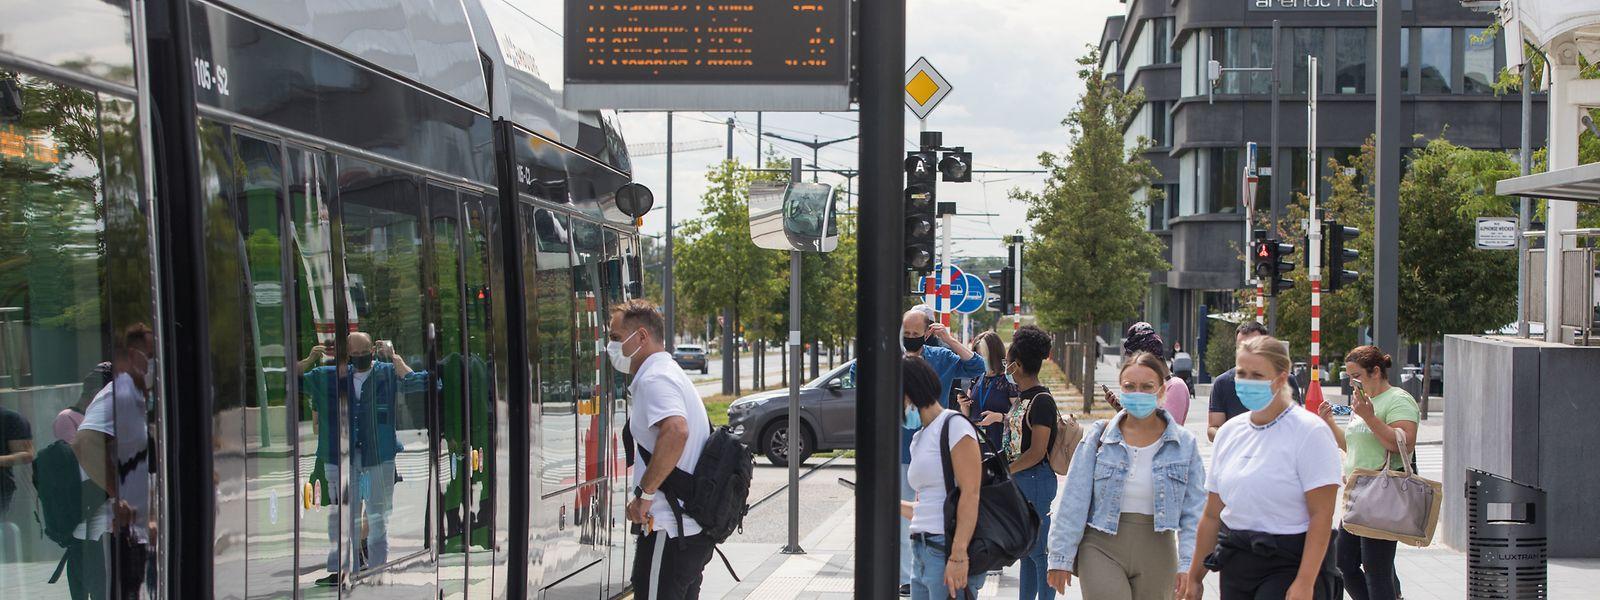 Sicherheit geht vor: In den vergangenen Tagen wurden bei 1.115 Kontrollen in 100 städtischen Bussen lediglich 13 Personen ohne Mundschutz verzeichnet.